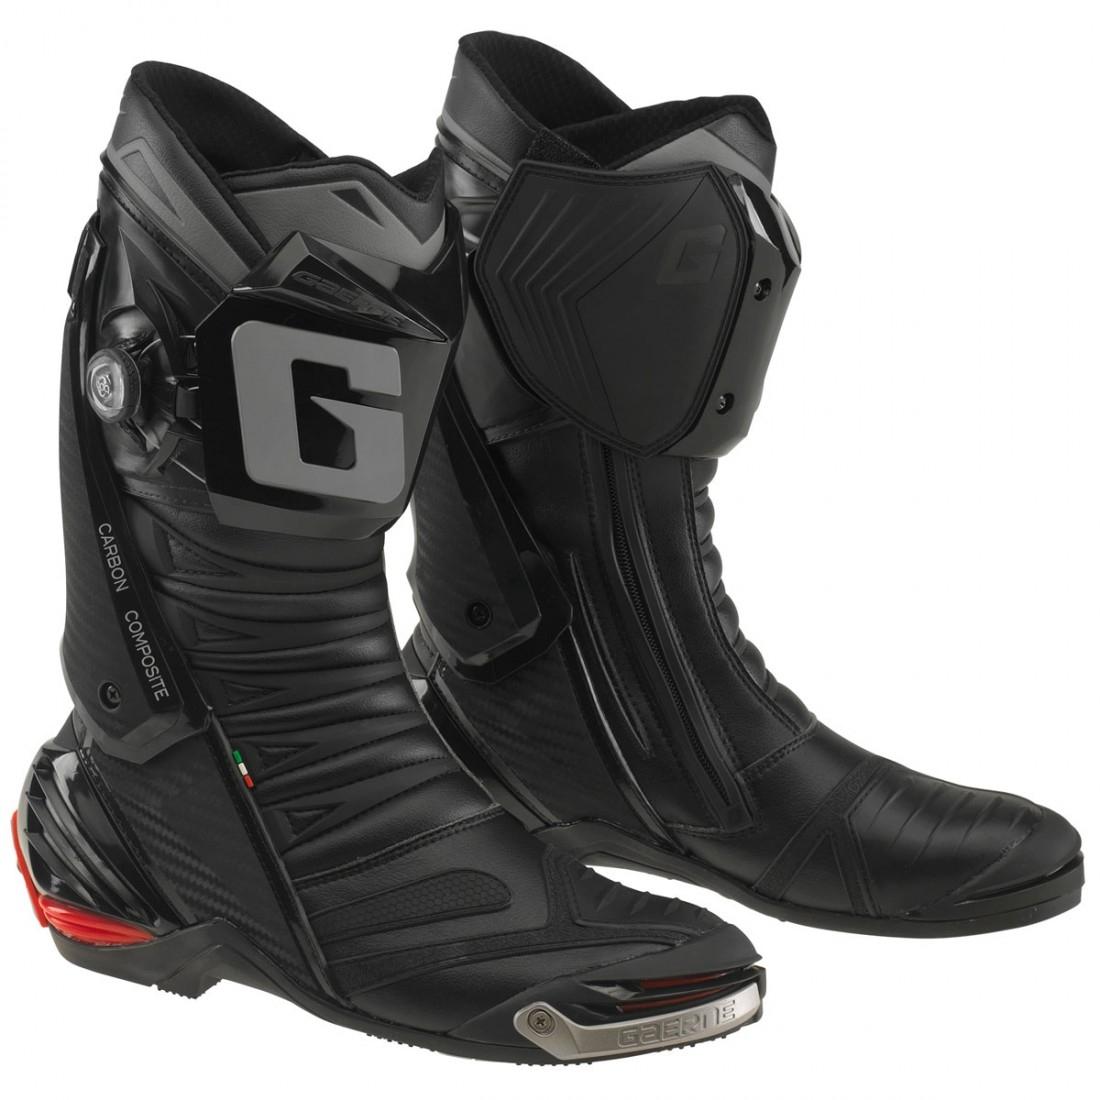 molto carino 9b739 8211d Stivale GAERNE GP1 Evo Black